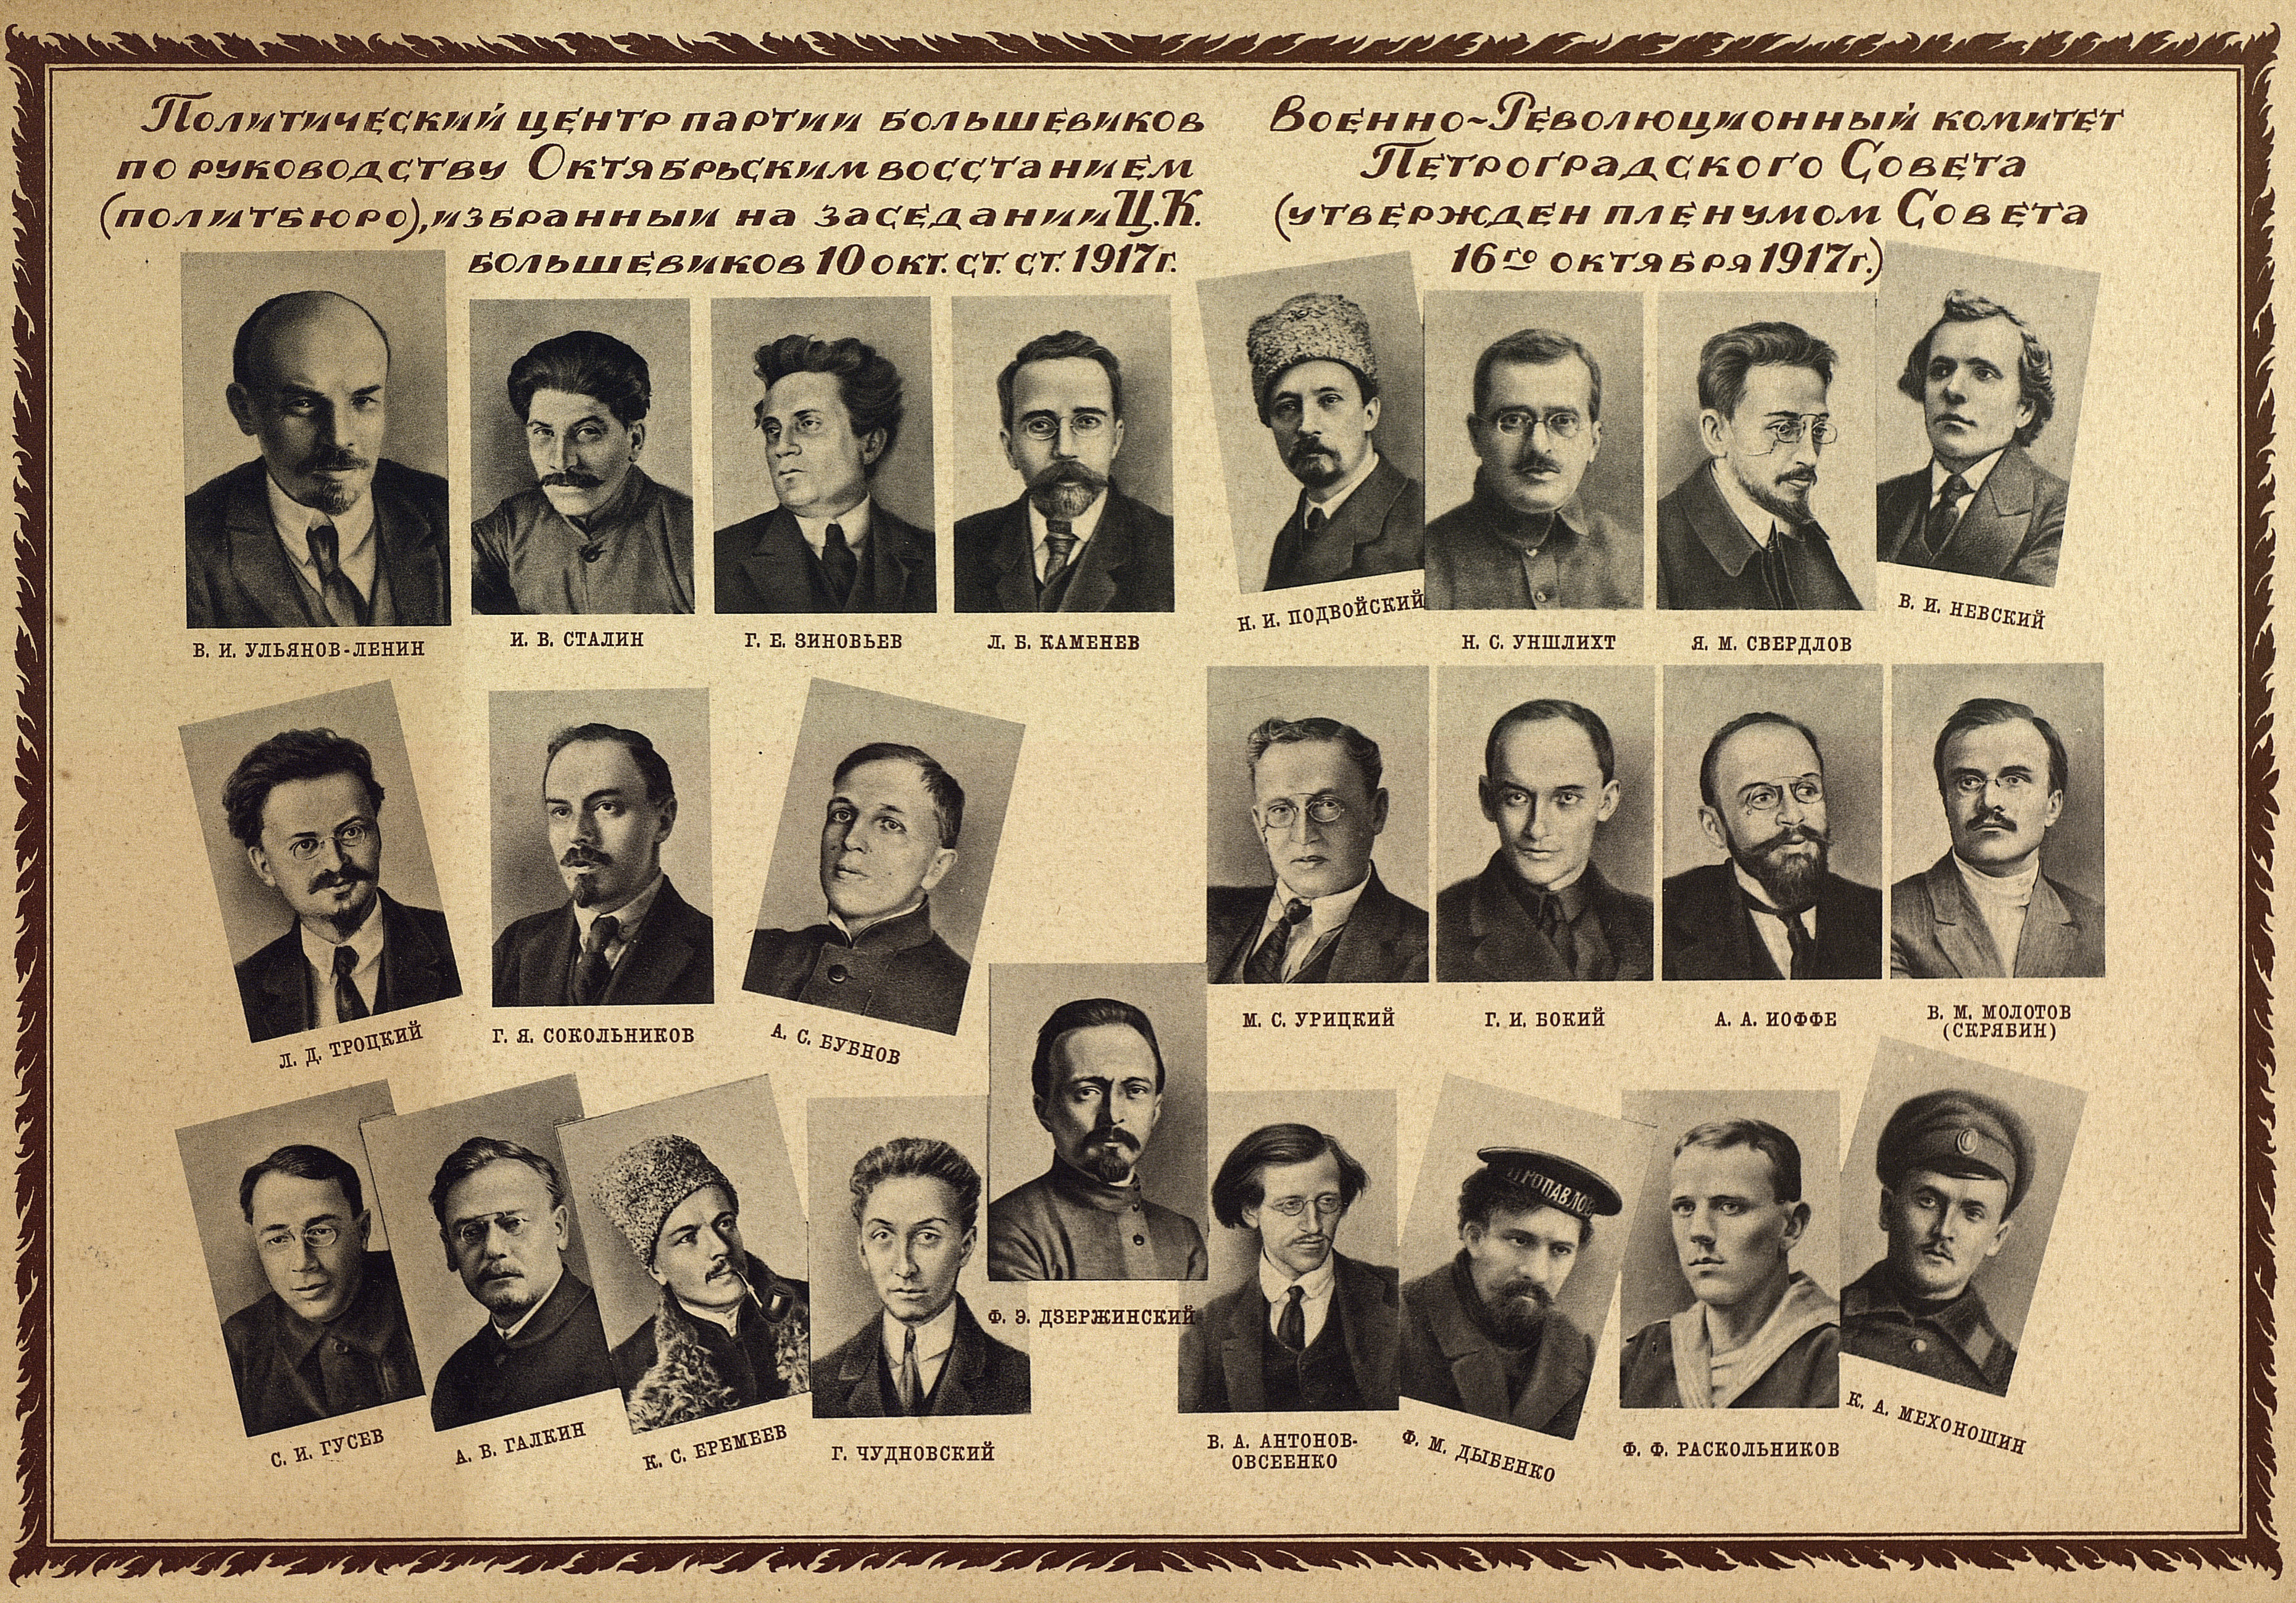 падение Советской власти началось со вранья при Иосифе Сталине после того, как из советской истории